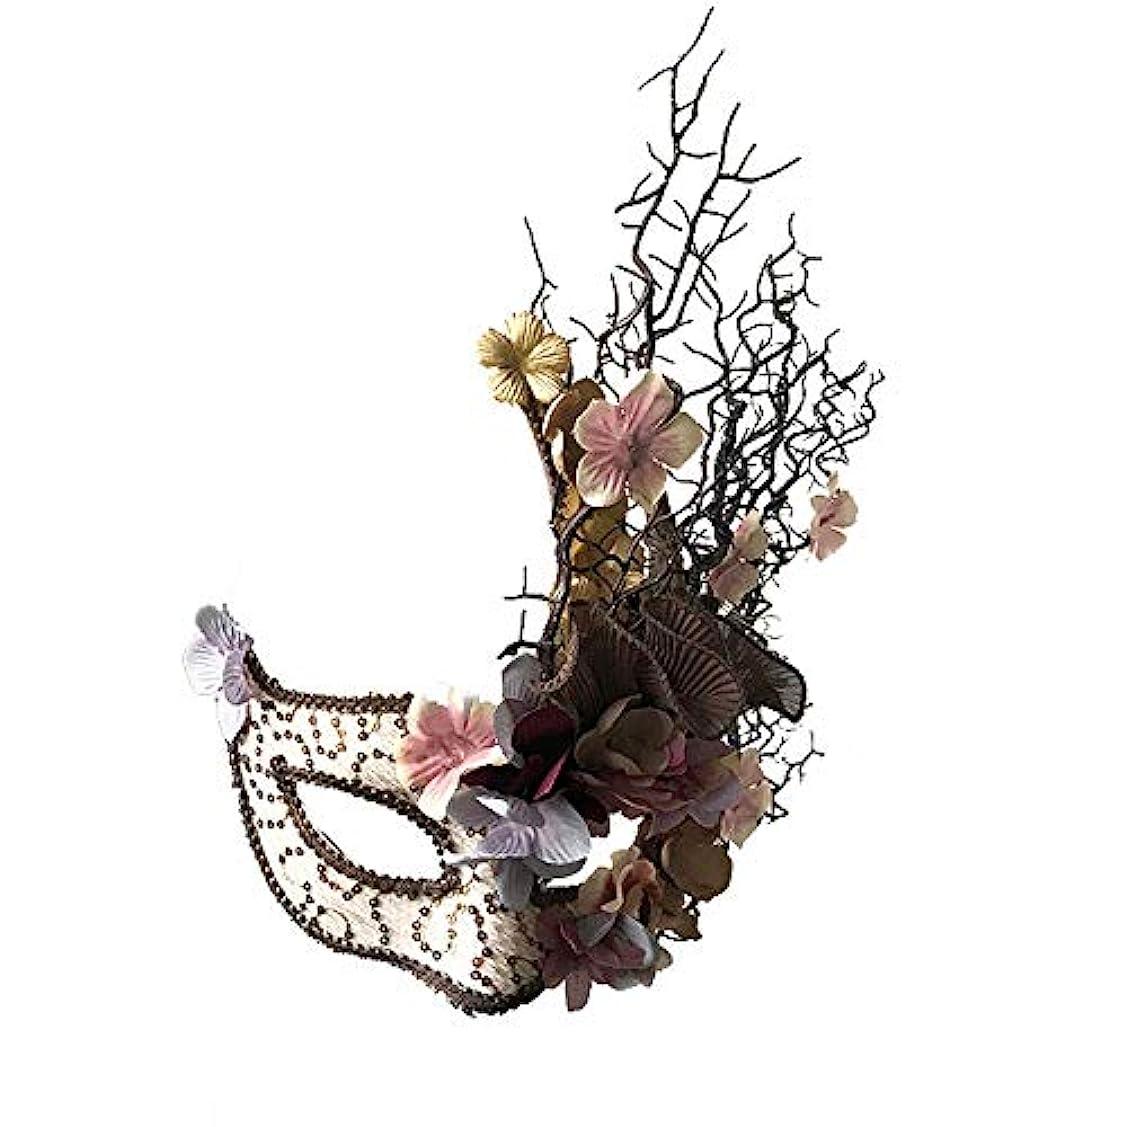 ドレイン忘れっぽい顧問Nanle ハロウィンプラムツリーブランチマスク仮装手持ちのマスクレディミスプリンセス美容祭パーティーデコレーション (色 : Pink hand-held)